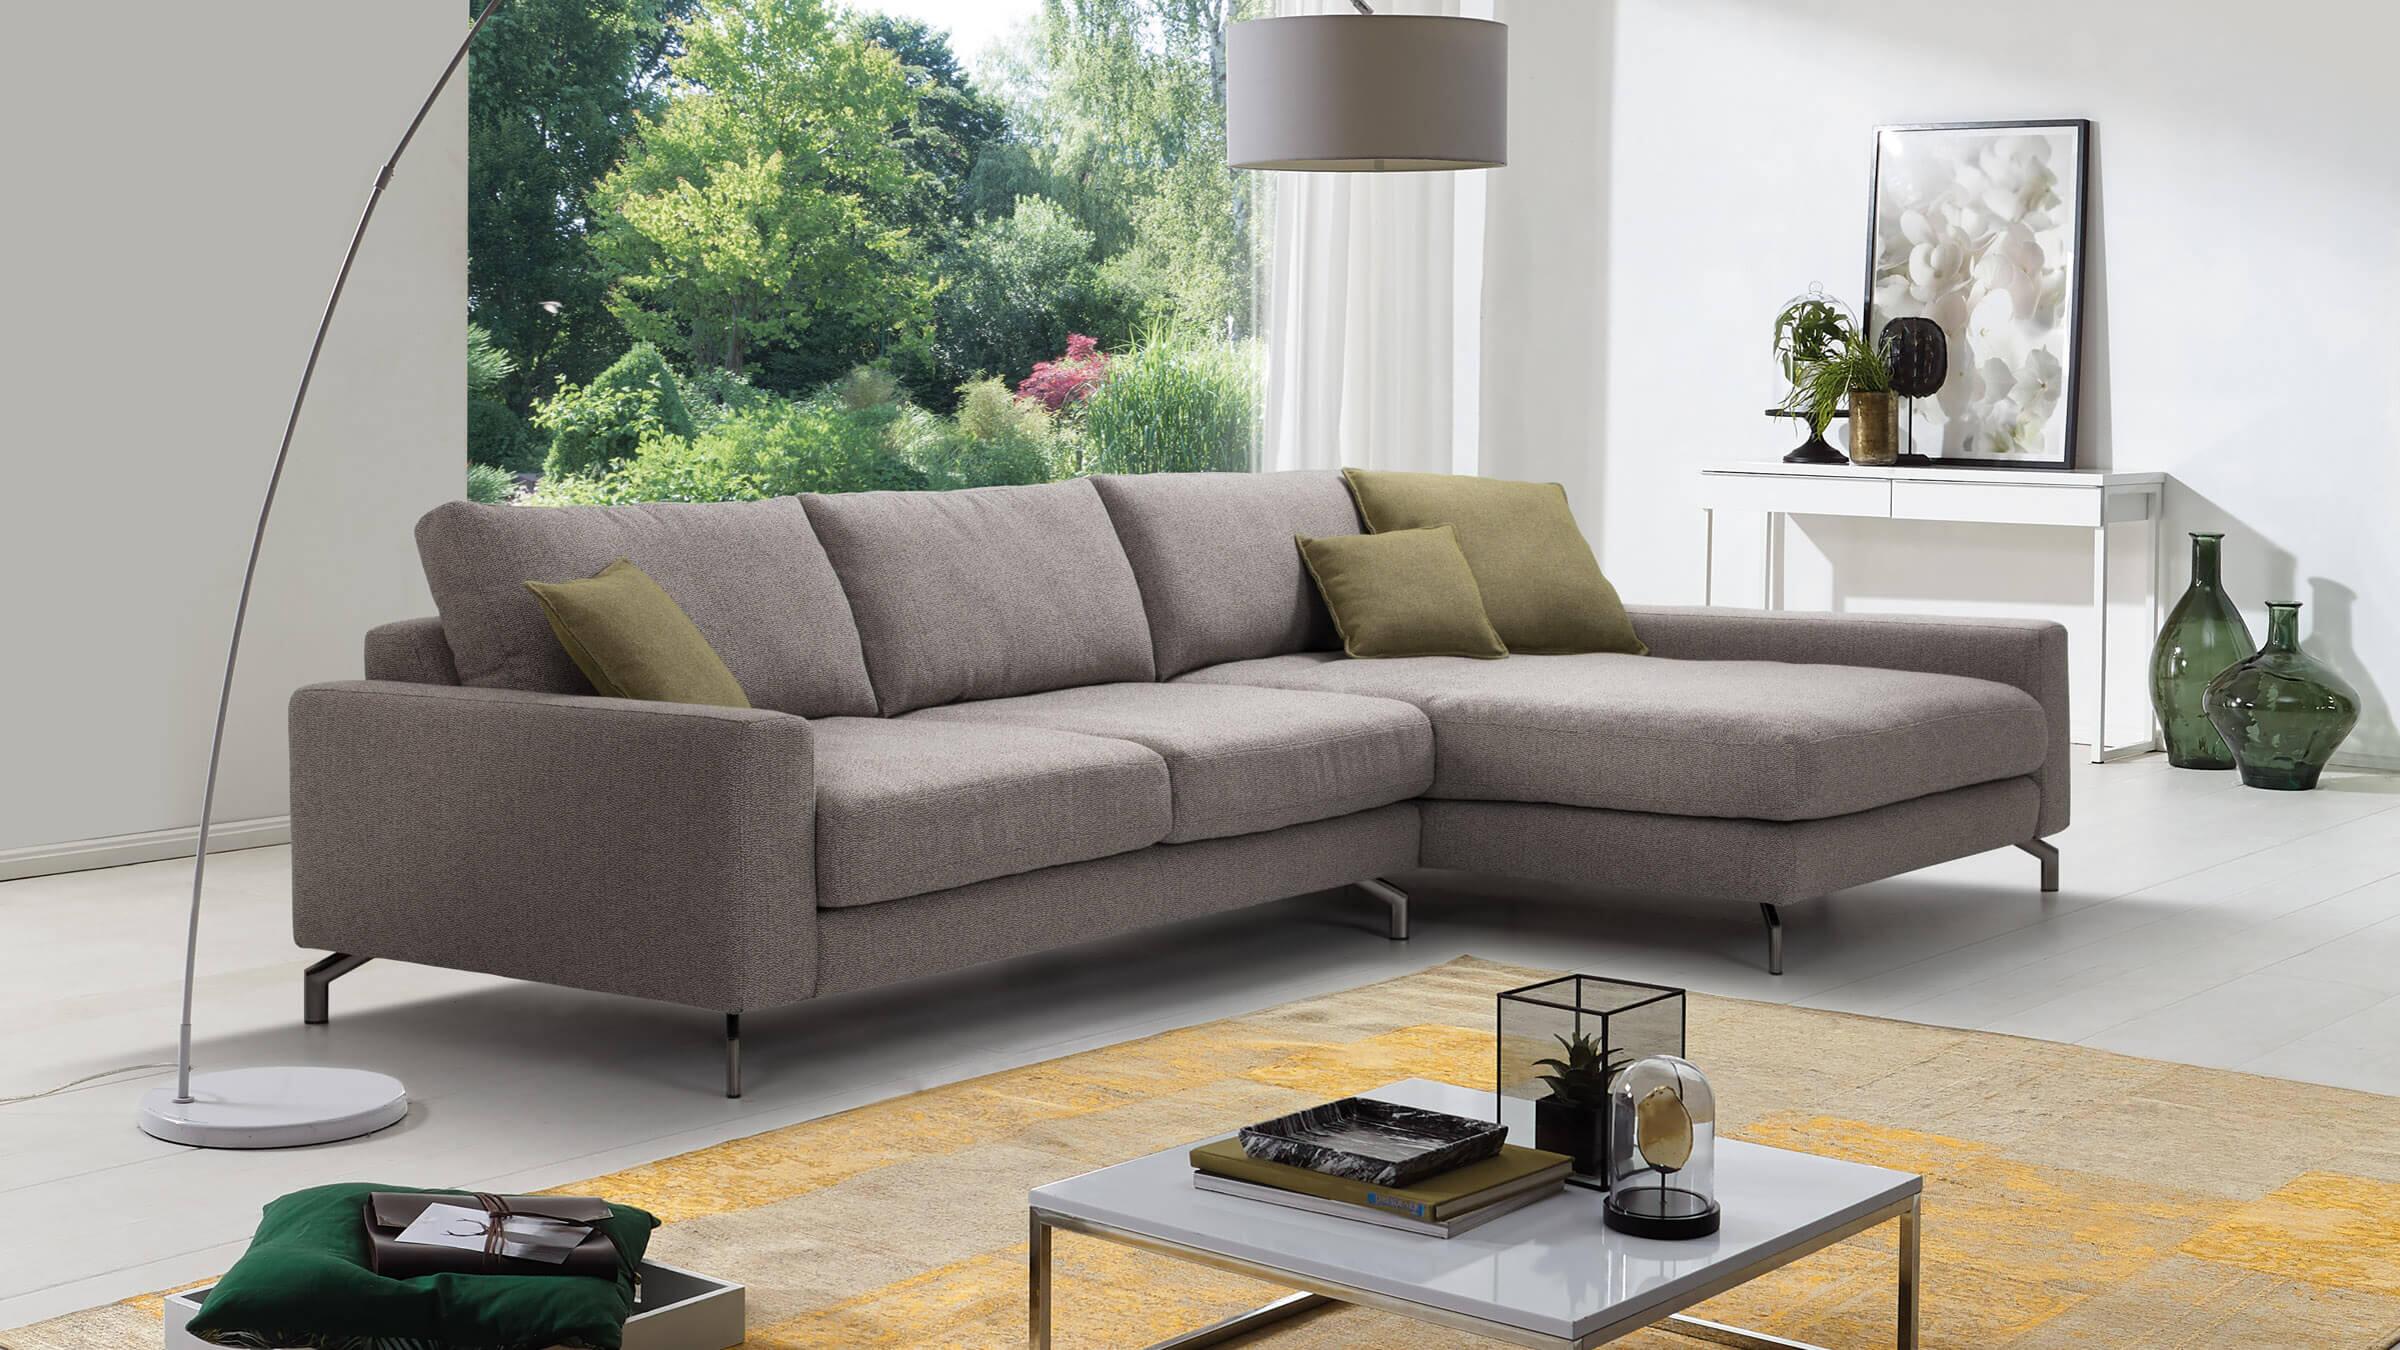 sofa couch boxspringbett aus sterreich sedda. Black Bedroom Furniture Sets. Home Design Ideas